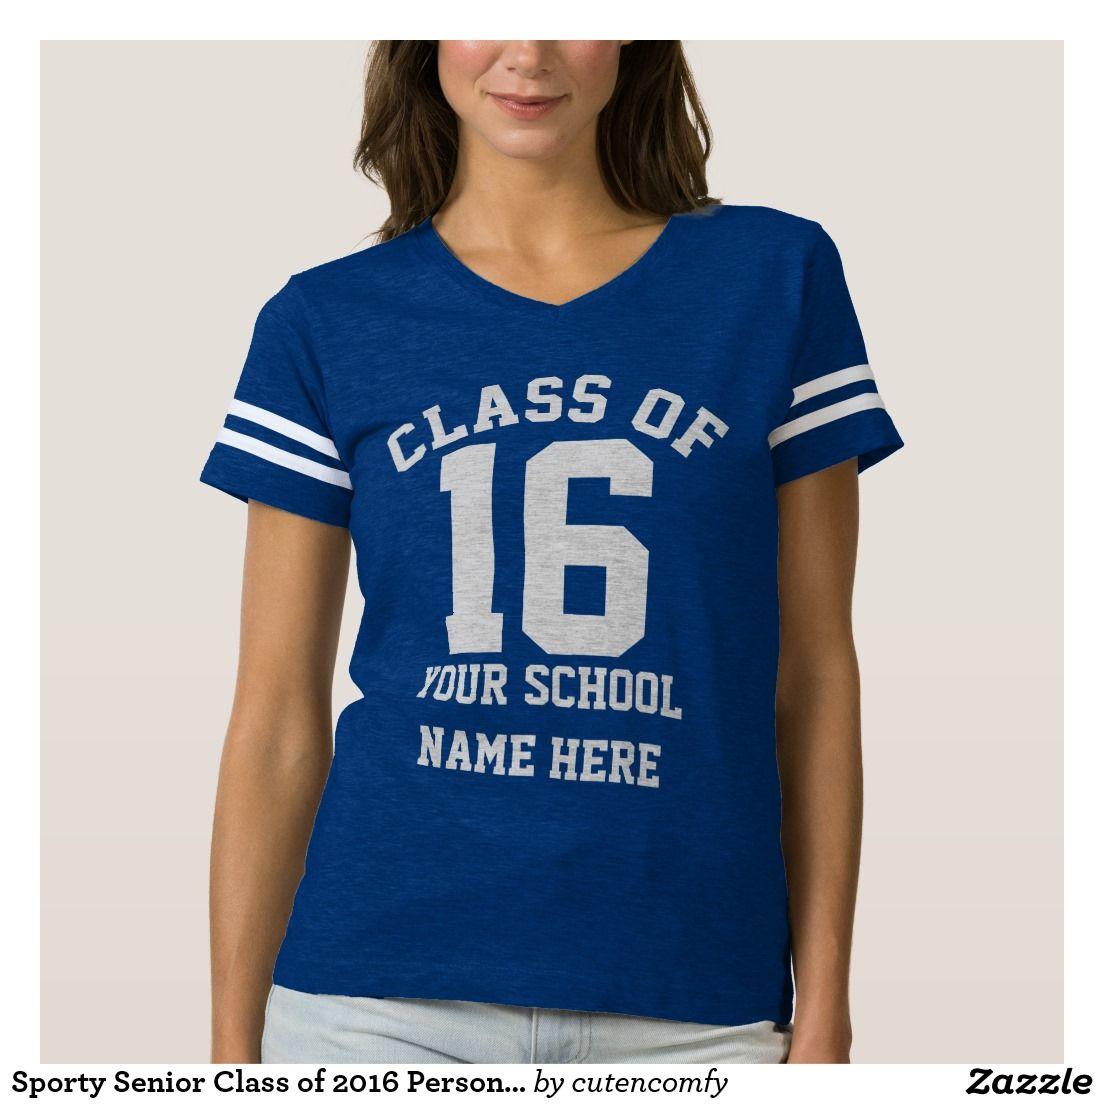 c9f5362269190 Bandeira De Futebol Americano · Sporty Senior Class of 2016 Personalized  School T-shirt Camisetas De Formatura